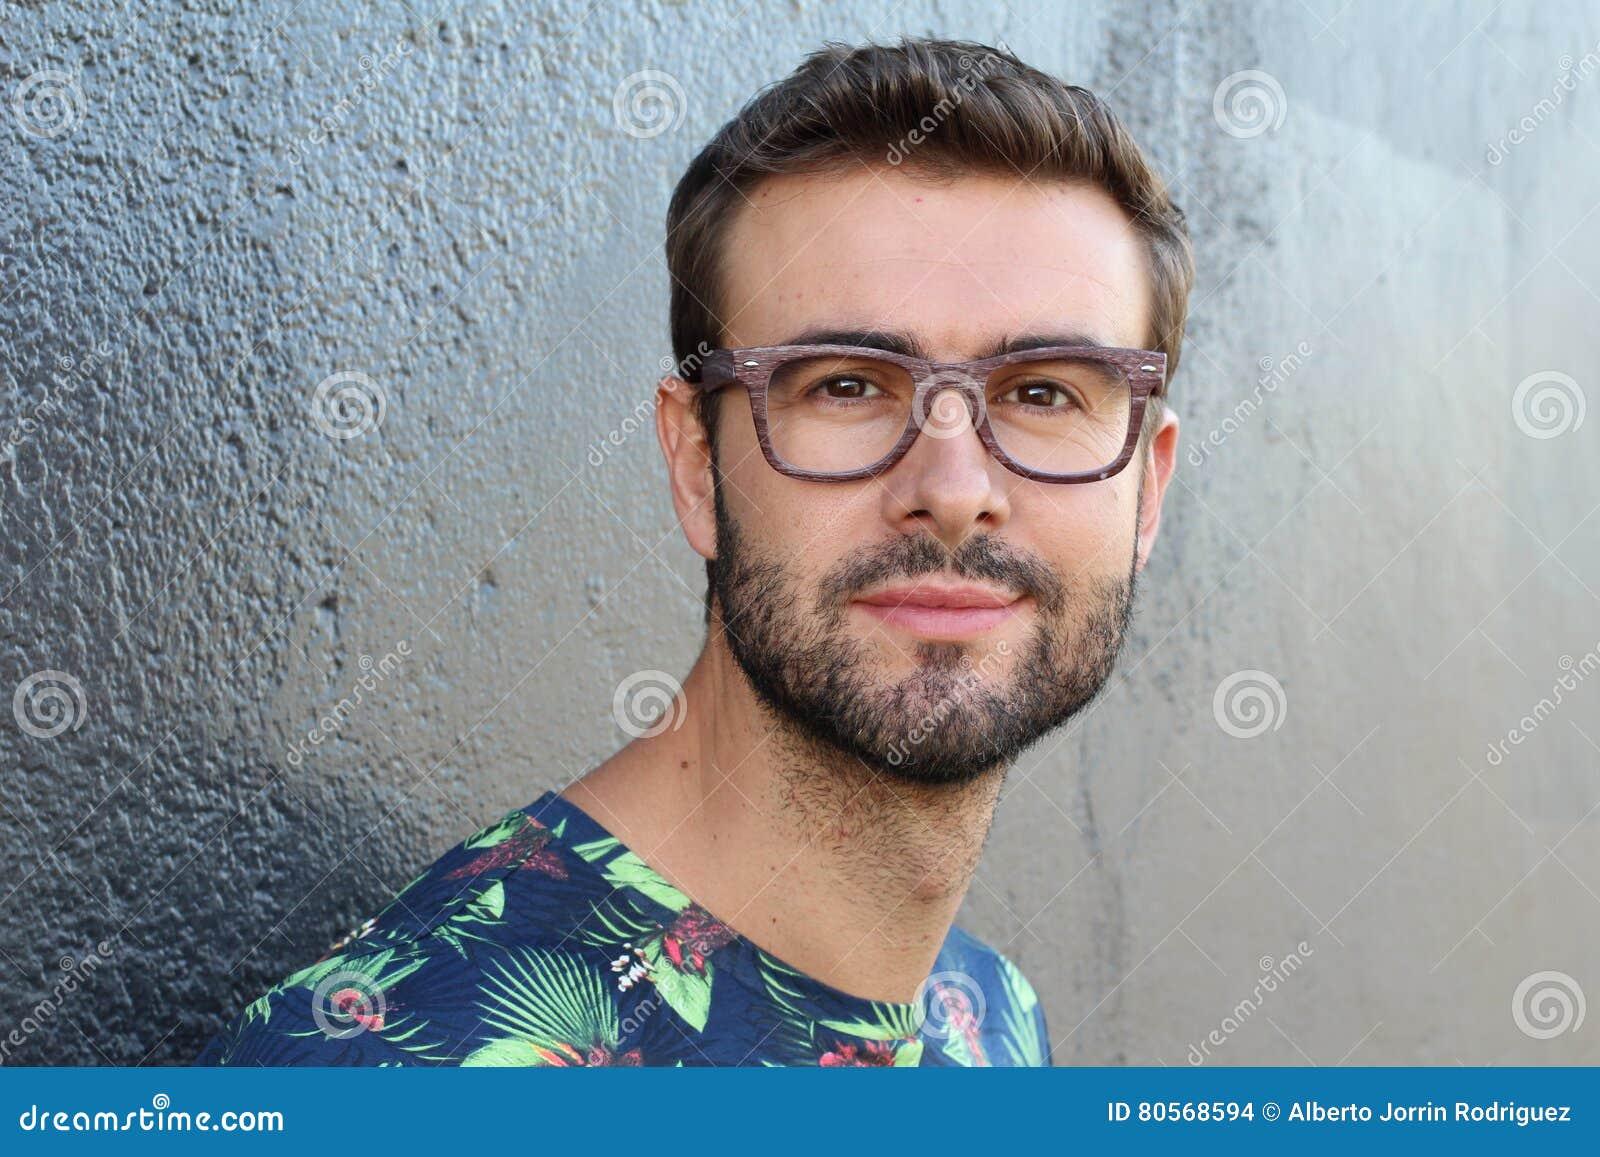 Jeune type avec une barbe et moustache avec des verres dans une chemise fleurie ou florale posant sur la rue, homme de mode, styl